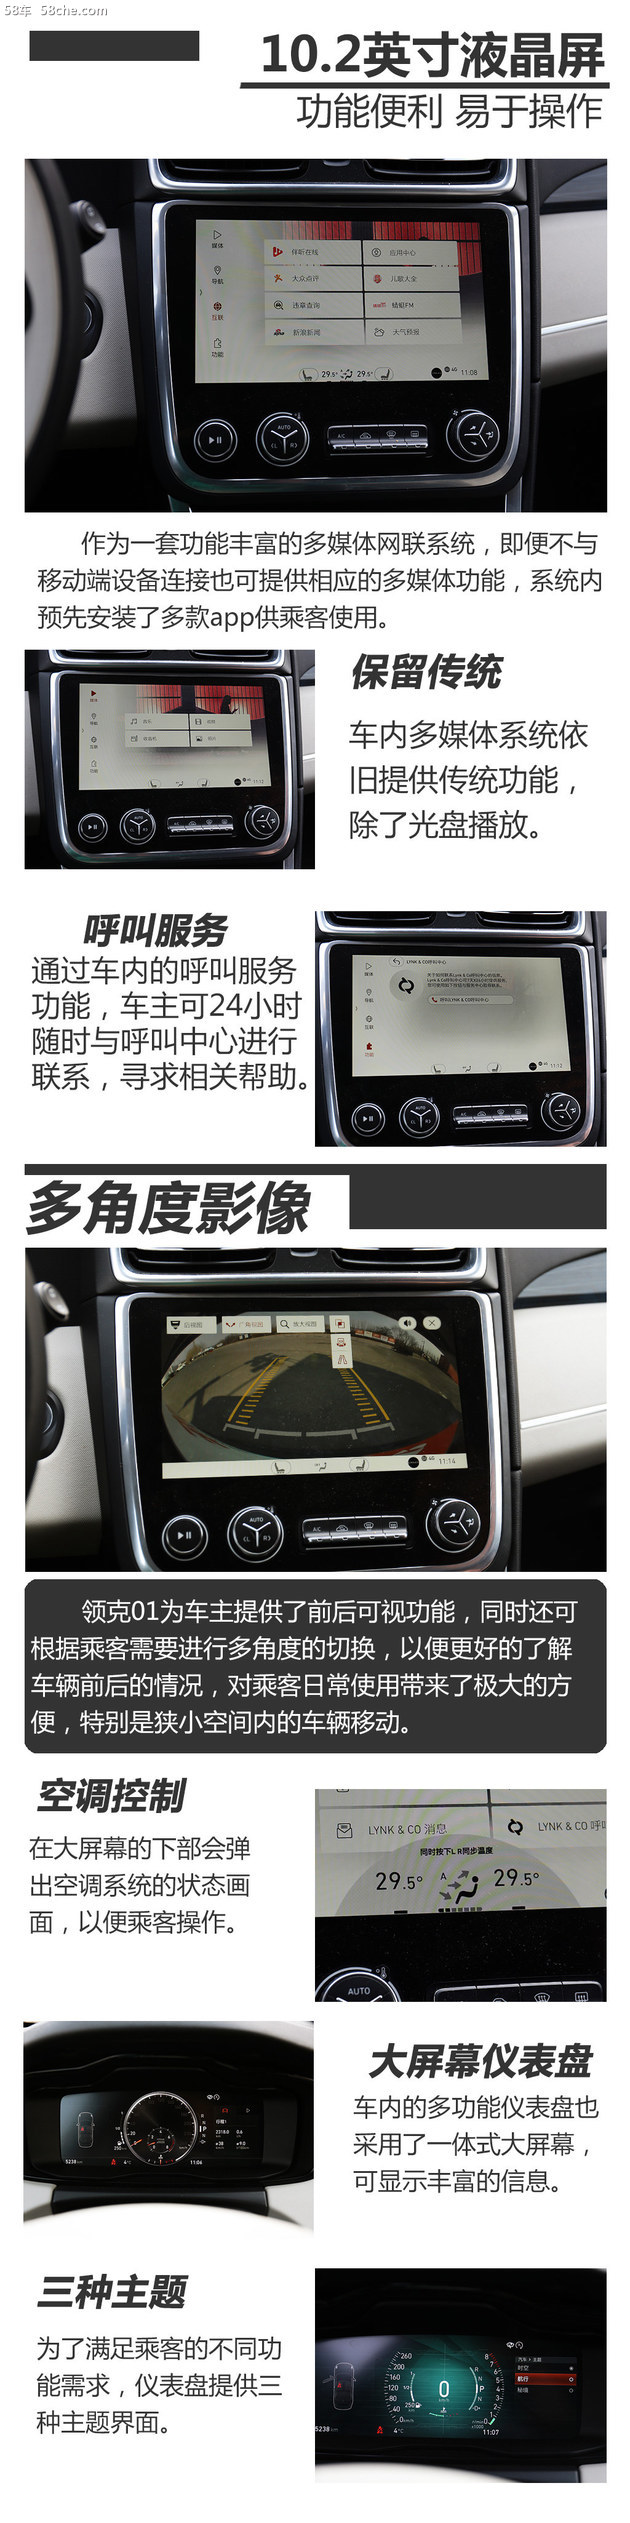 领克01两驱耀Pro版多媒体体验 方便实用